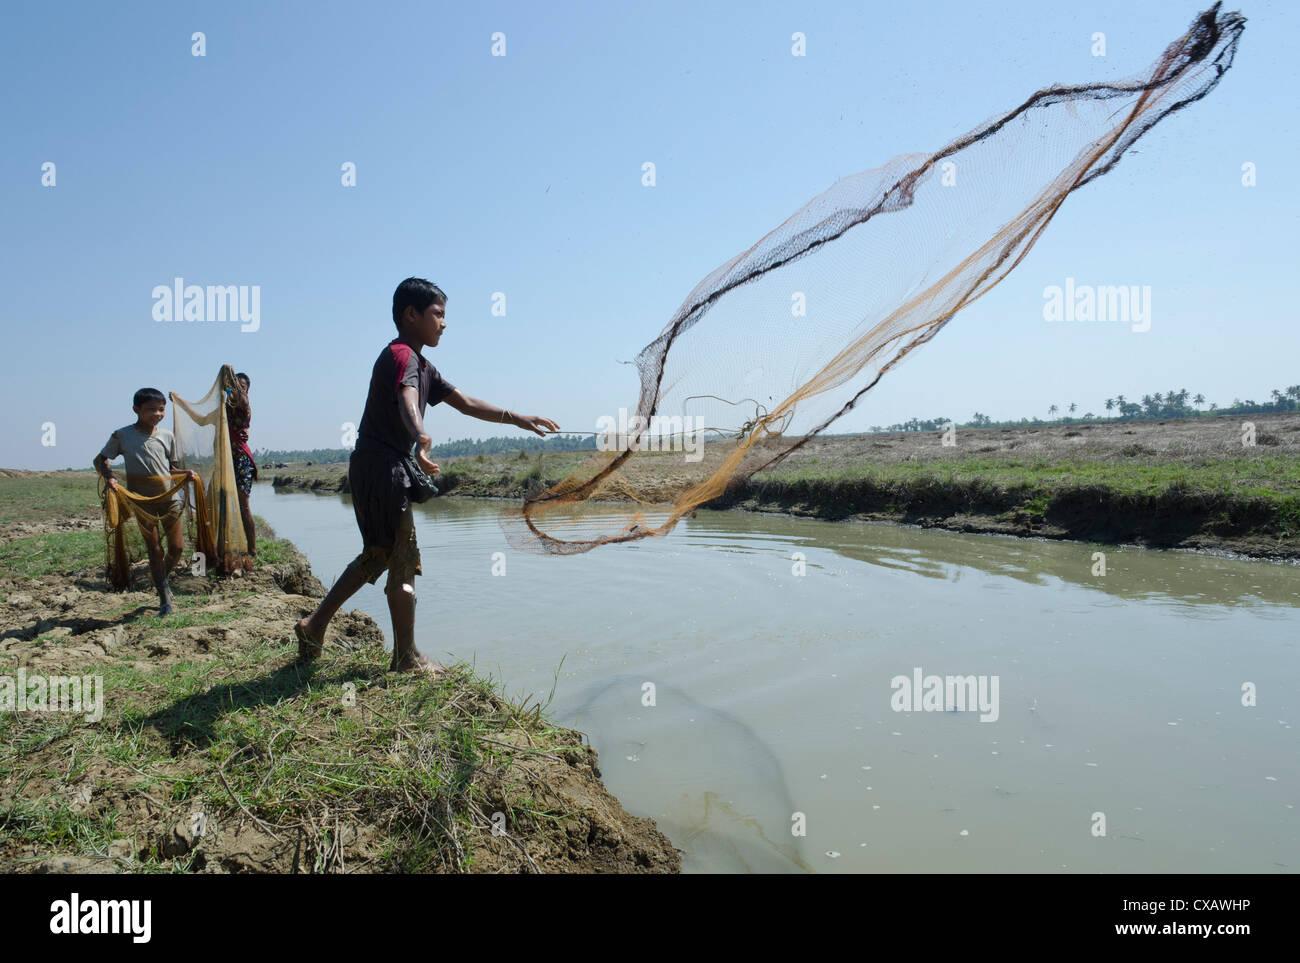 La pêche avec les jeunes dans la voie d'eau nette, Delta de l'Irrawaddy, le Myanmar (Birmanie), l'Asie Photo Stock